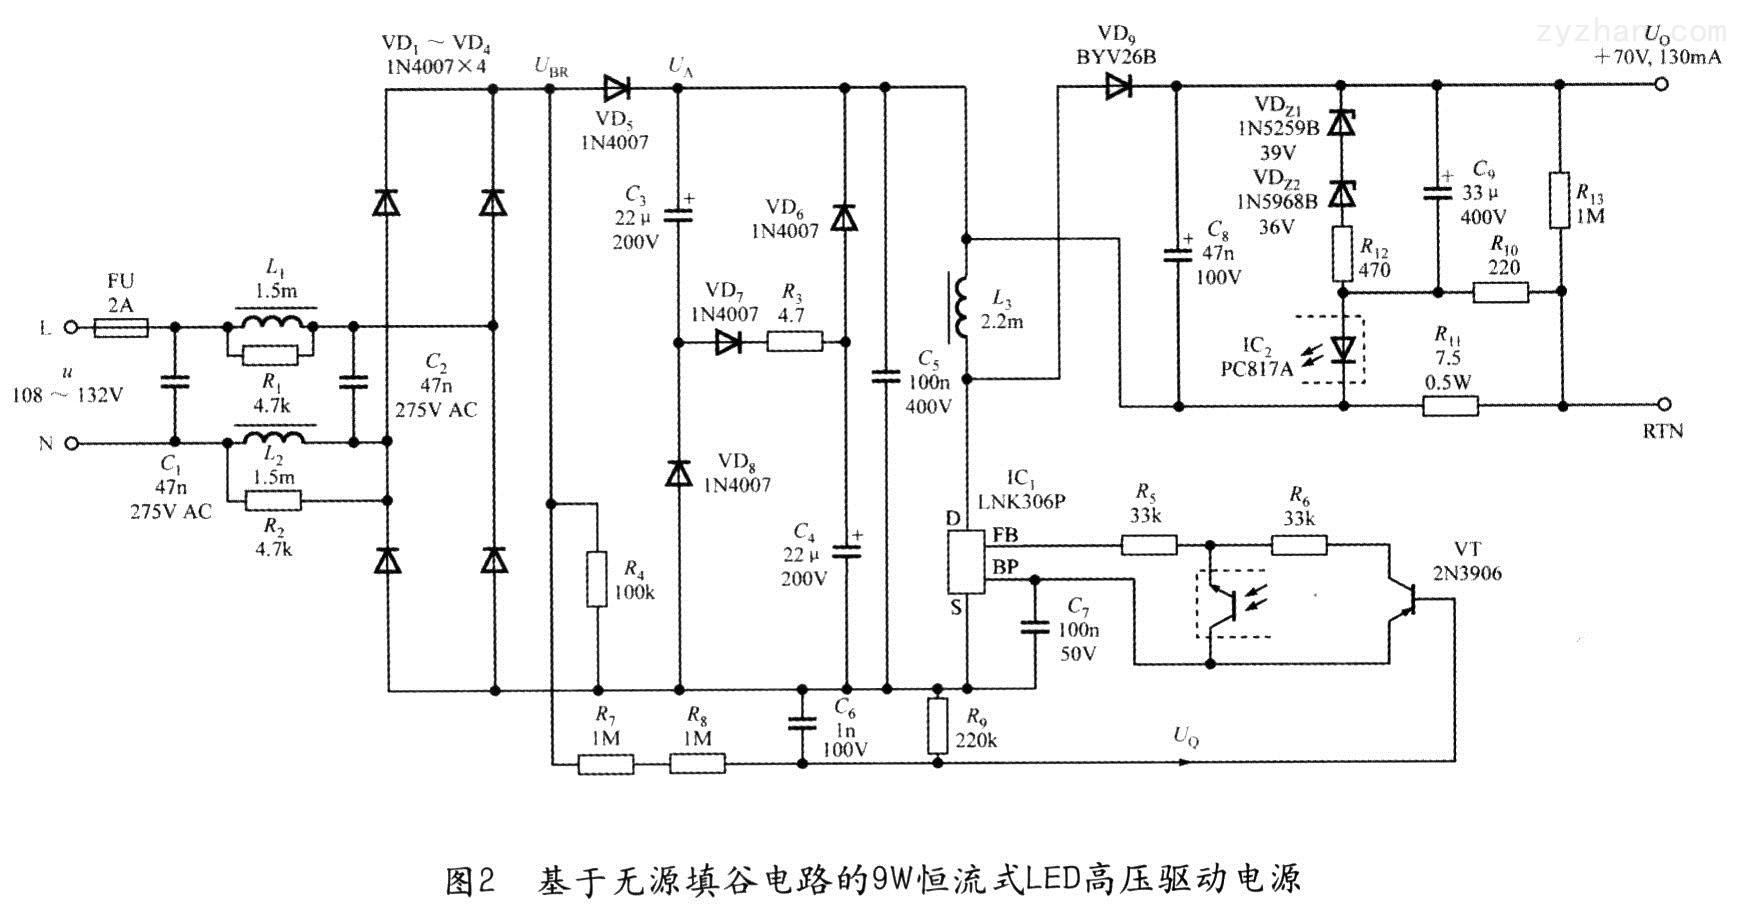 铃木电梯主板 sec3000a-上海曦龙电气设备有限公司